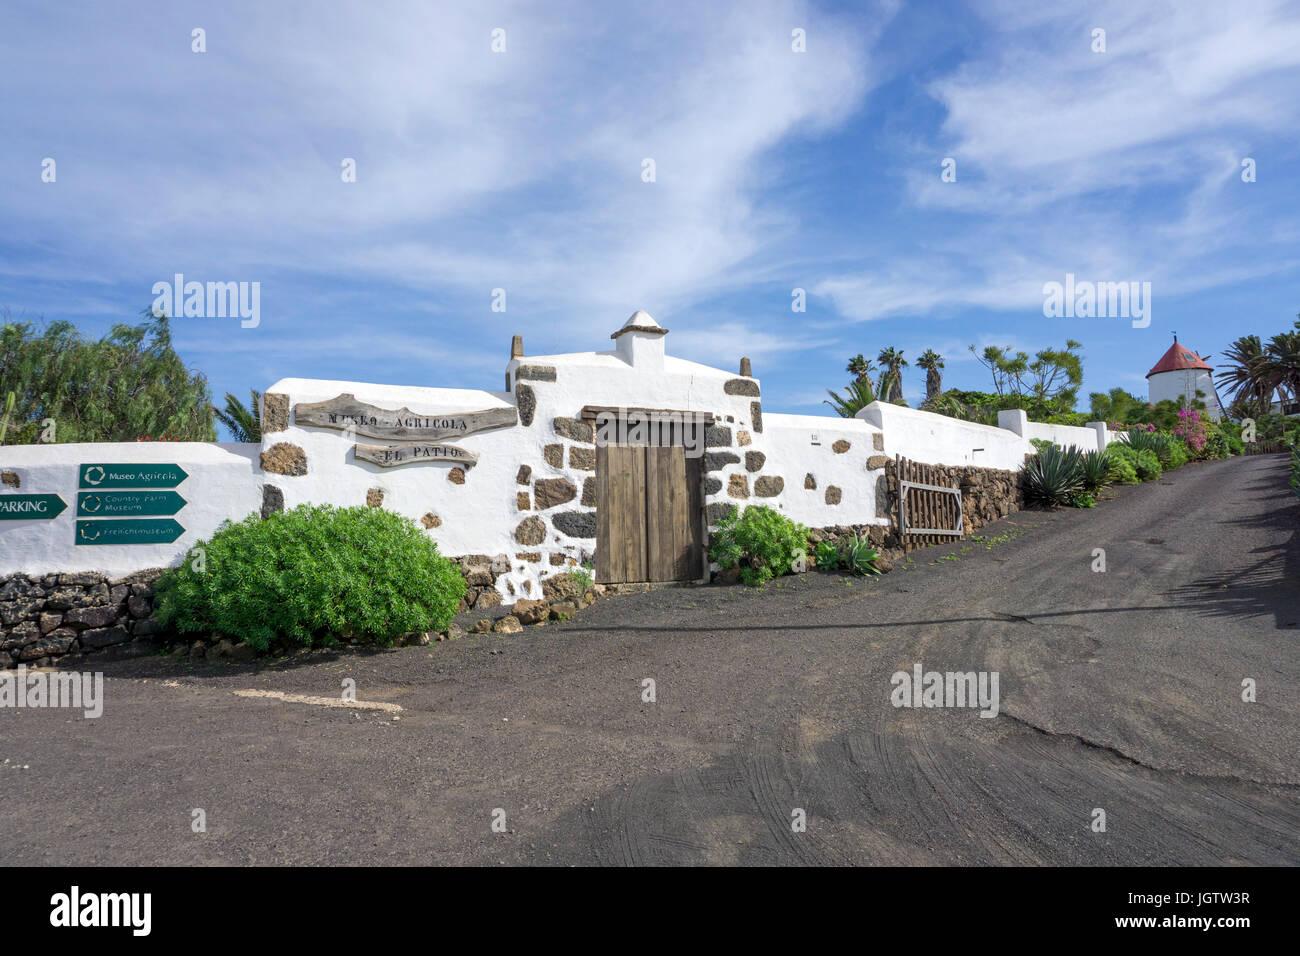 Landwirtschaft Museum, das Museo Agrícola El Patio, Tiagua, Provinz Teguise, Lanzarote, Kanarische Inseln, Stockbild